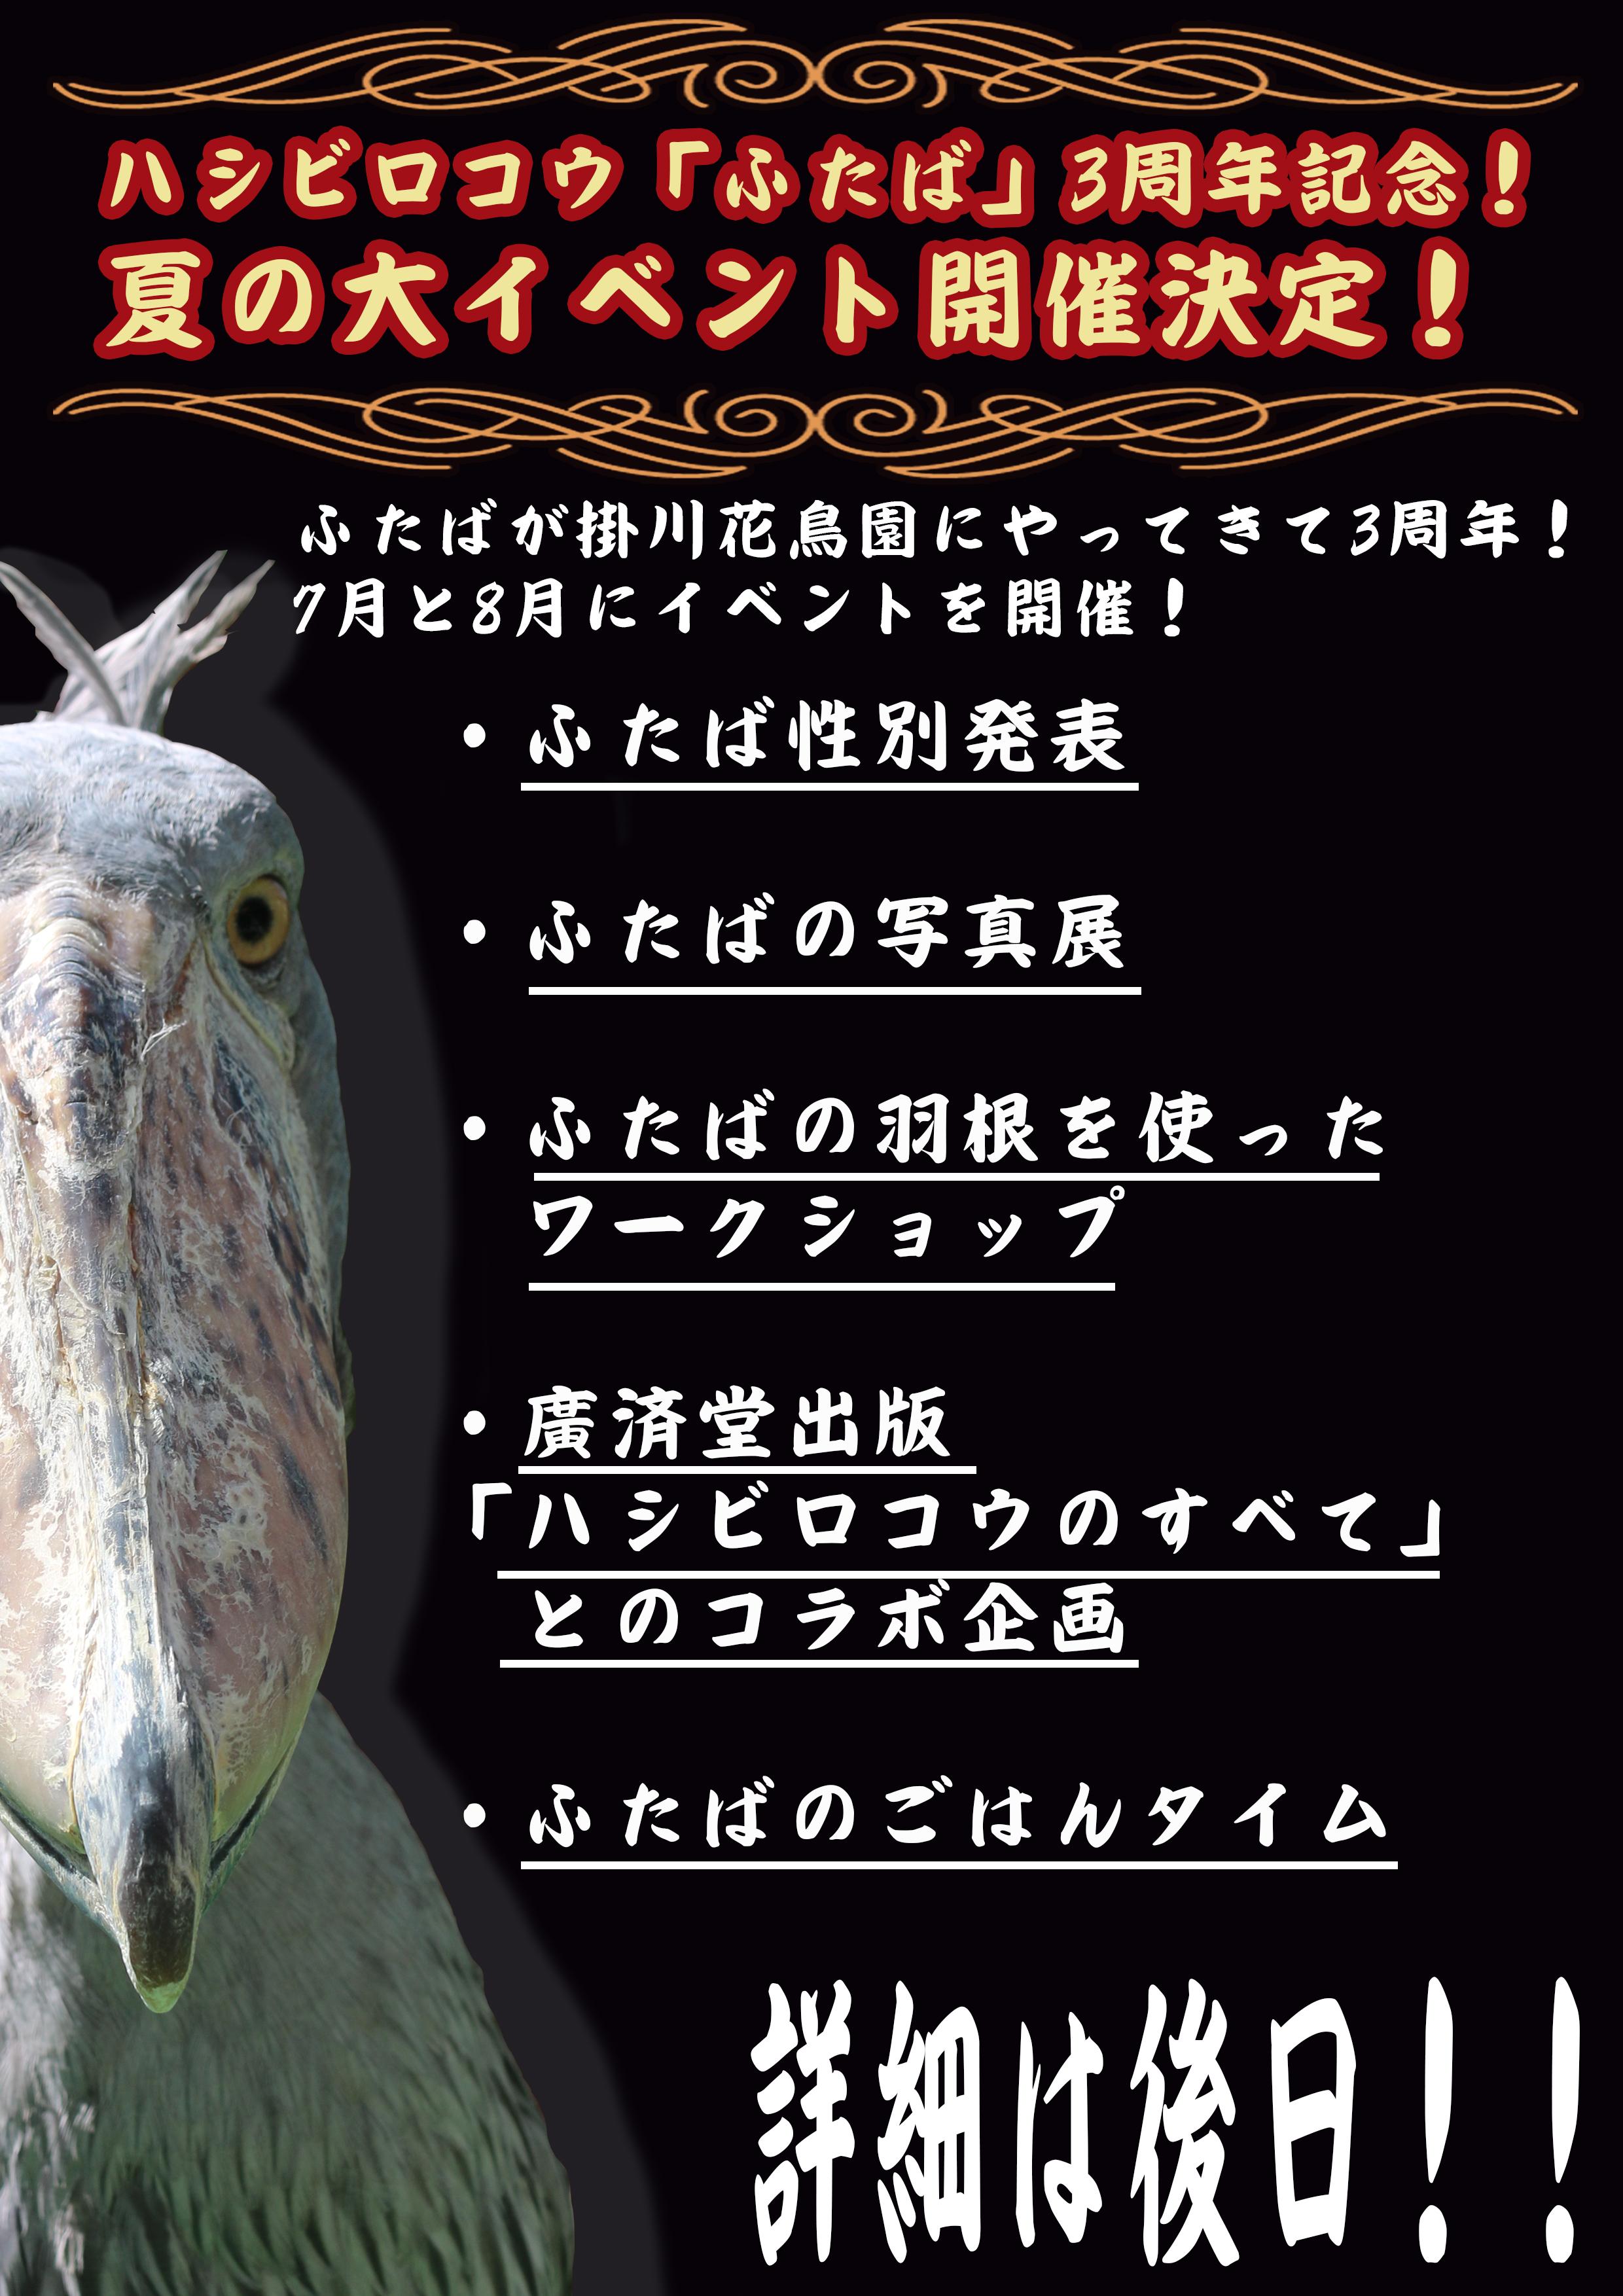 ふたば 夏の大イベントポスター